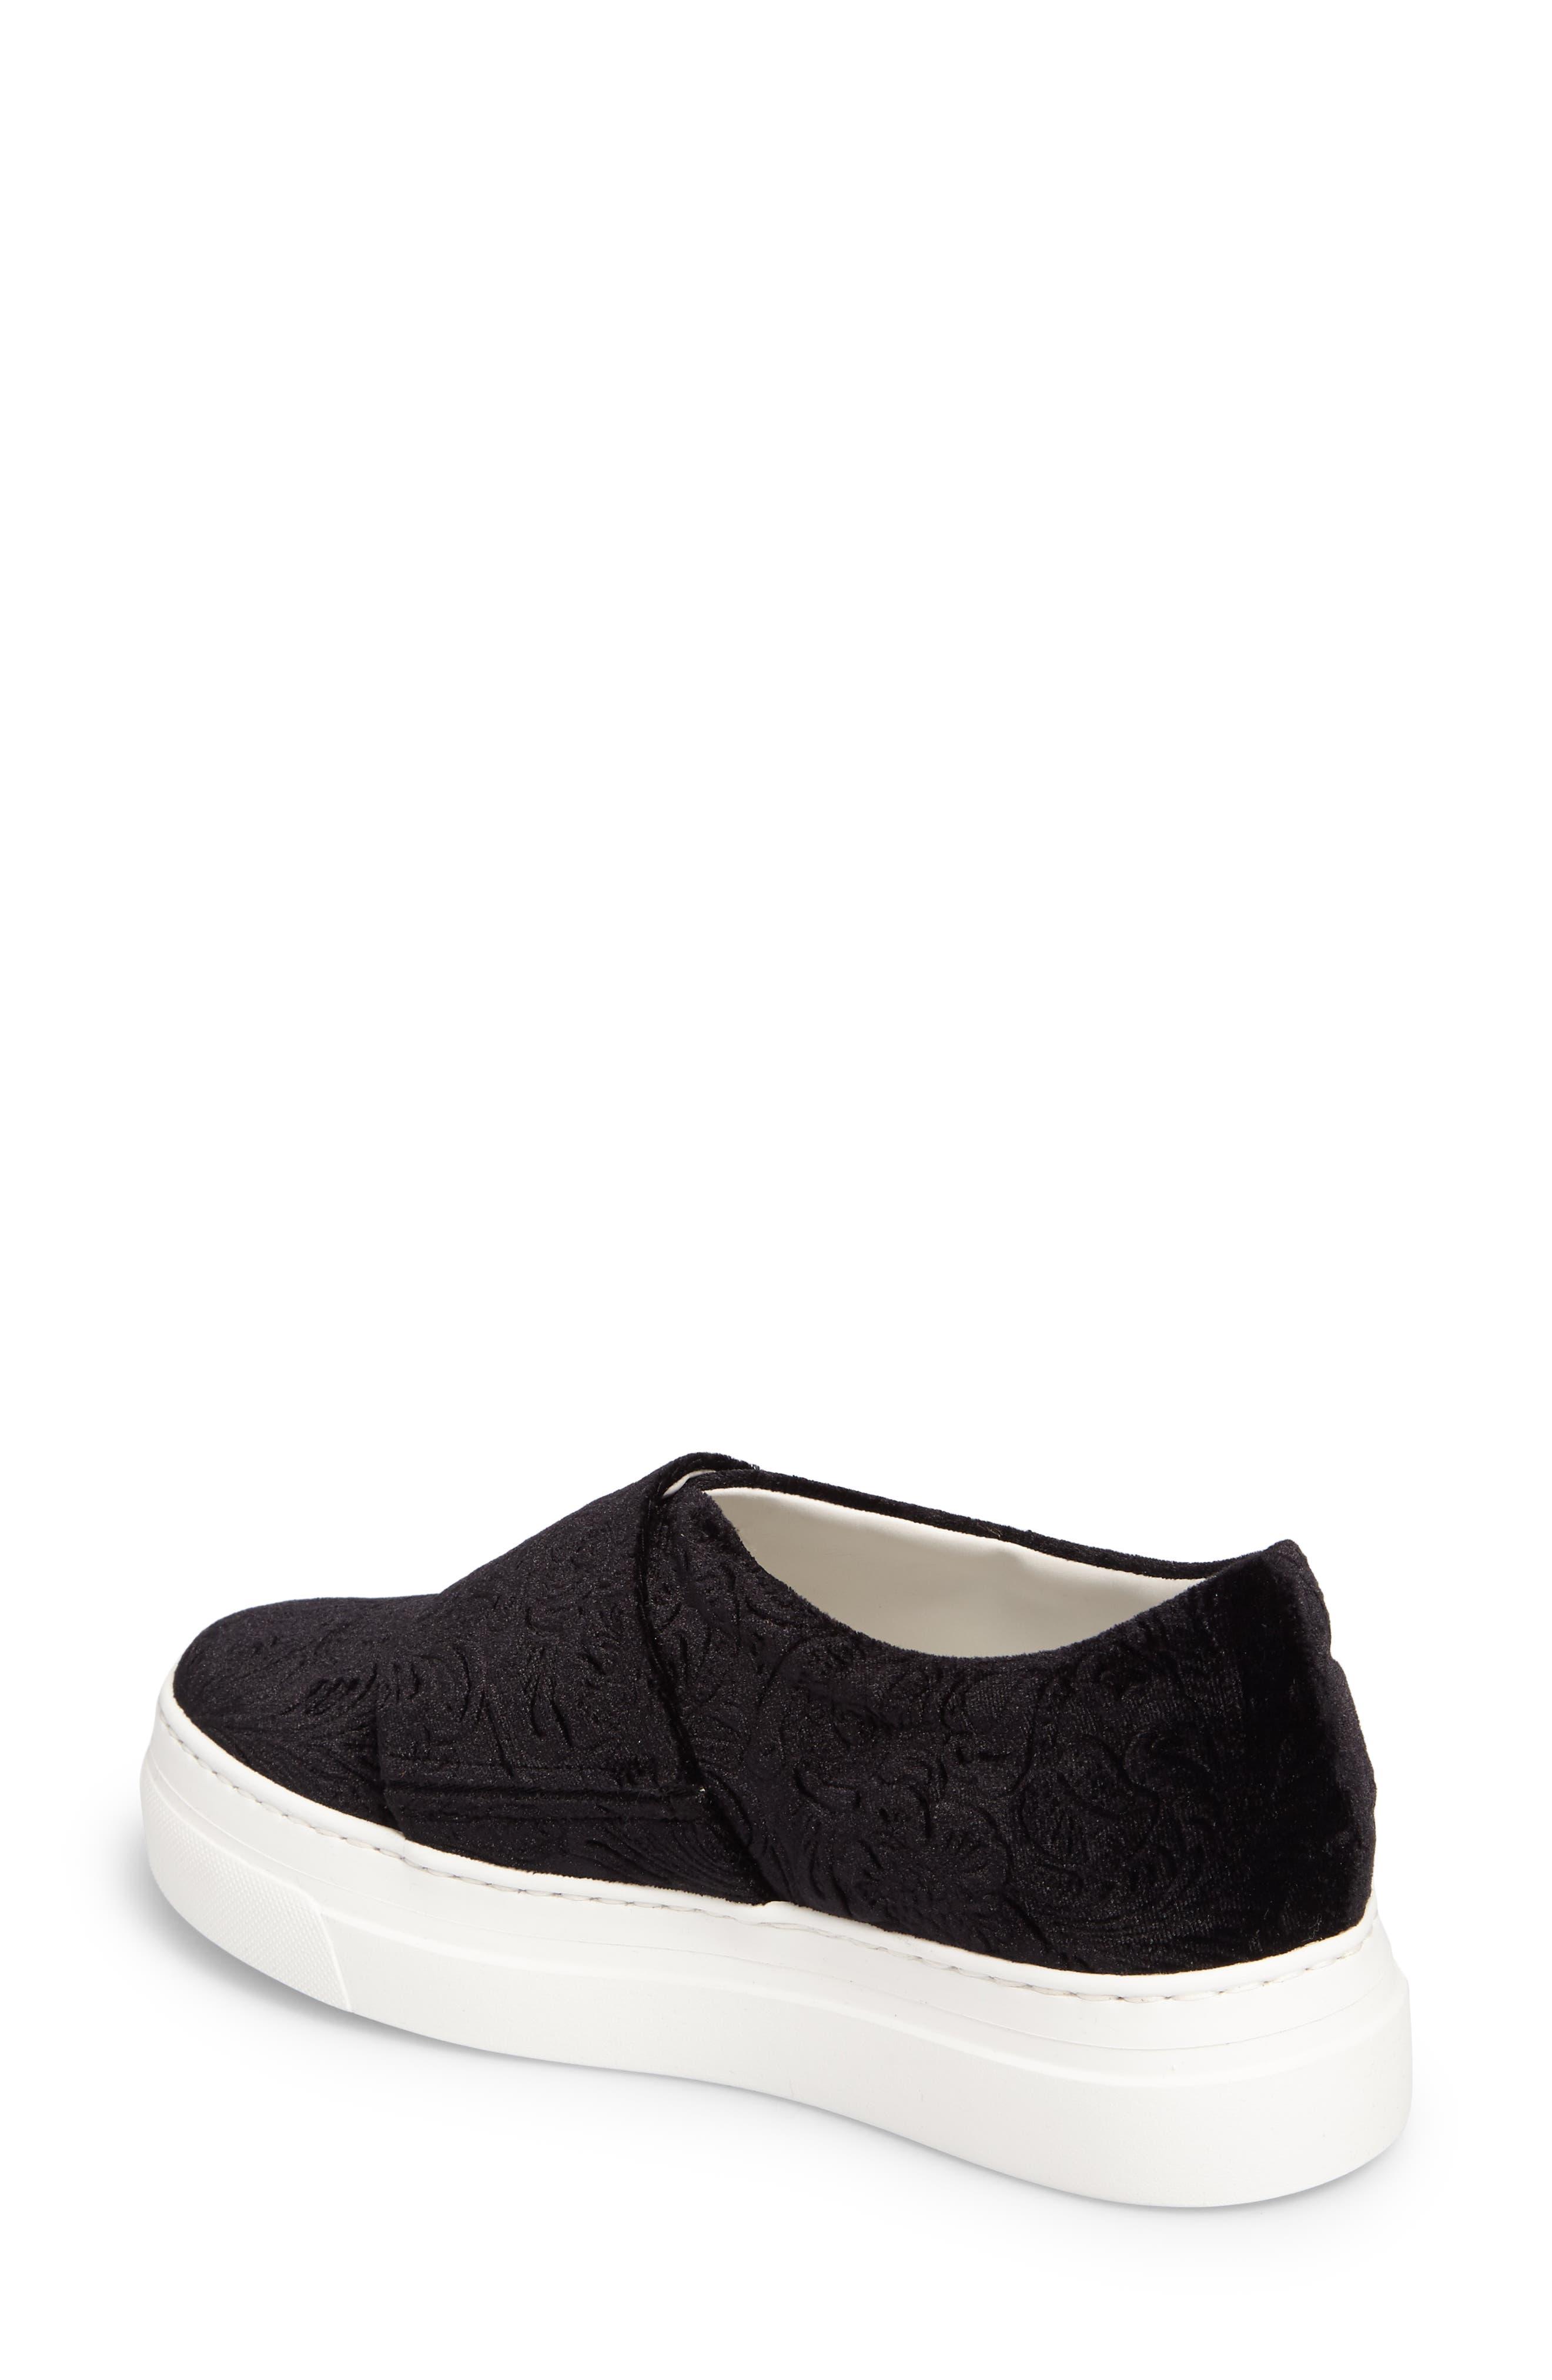 Arlo Slip-On Platform Sneaker,                             Alternate thumbnail 2, color,                             003